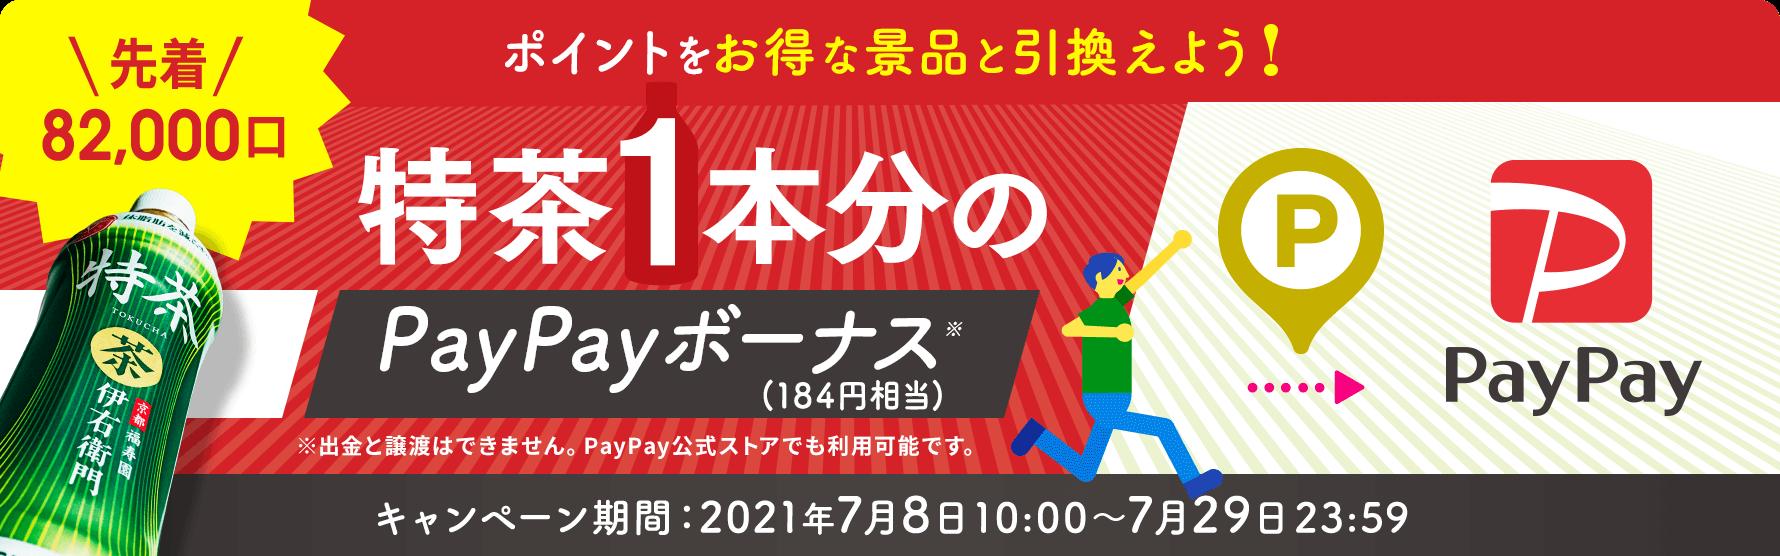 サントリーで先着20000名限定、特茶スマートアプリユーザー限定、特茶1本を買って読み込ませると、184円相当のPayPayが貰える。~9/15。